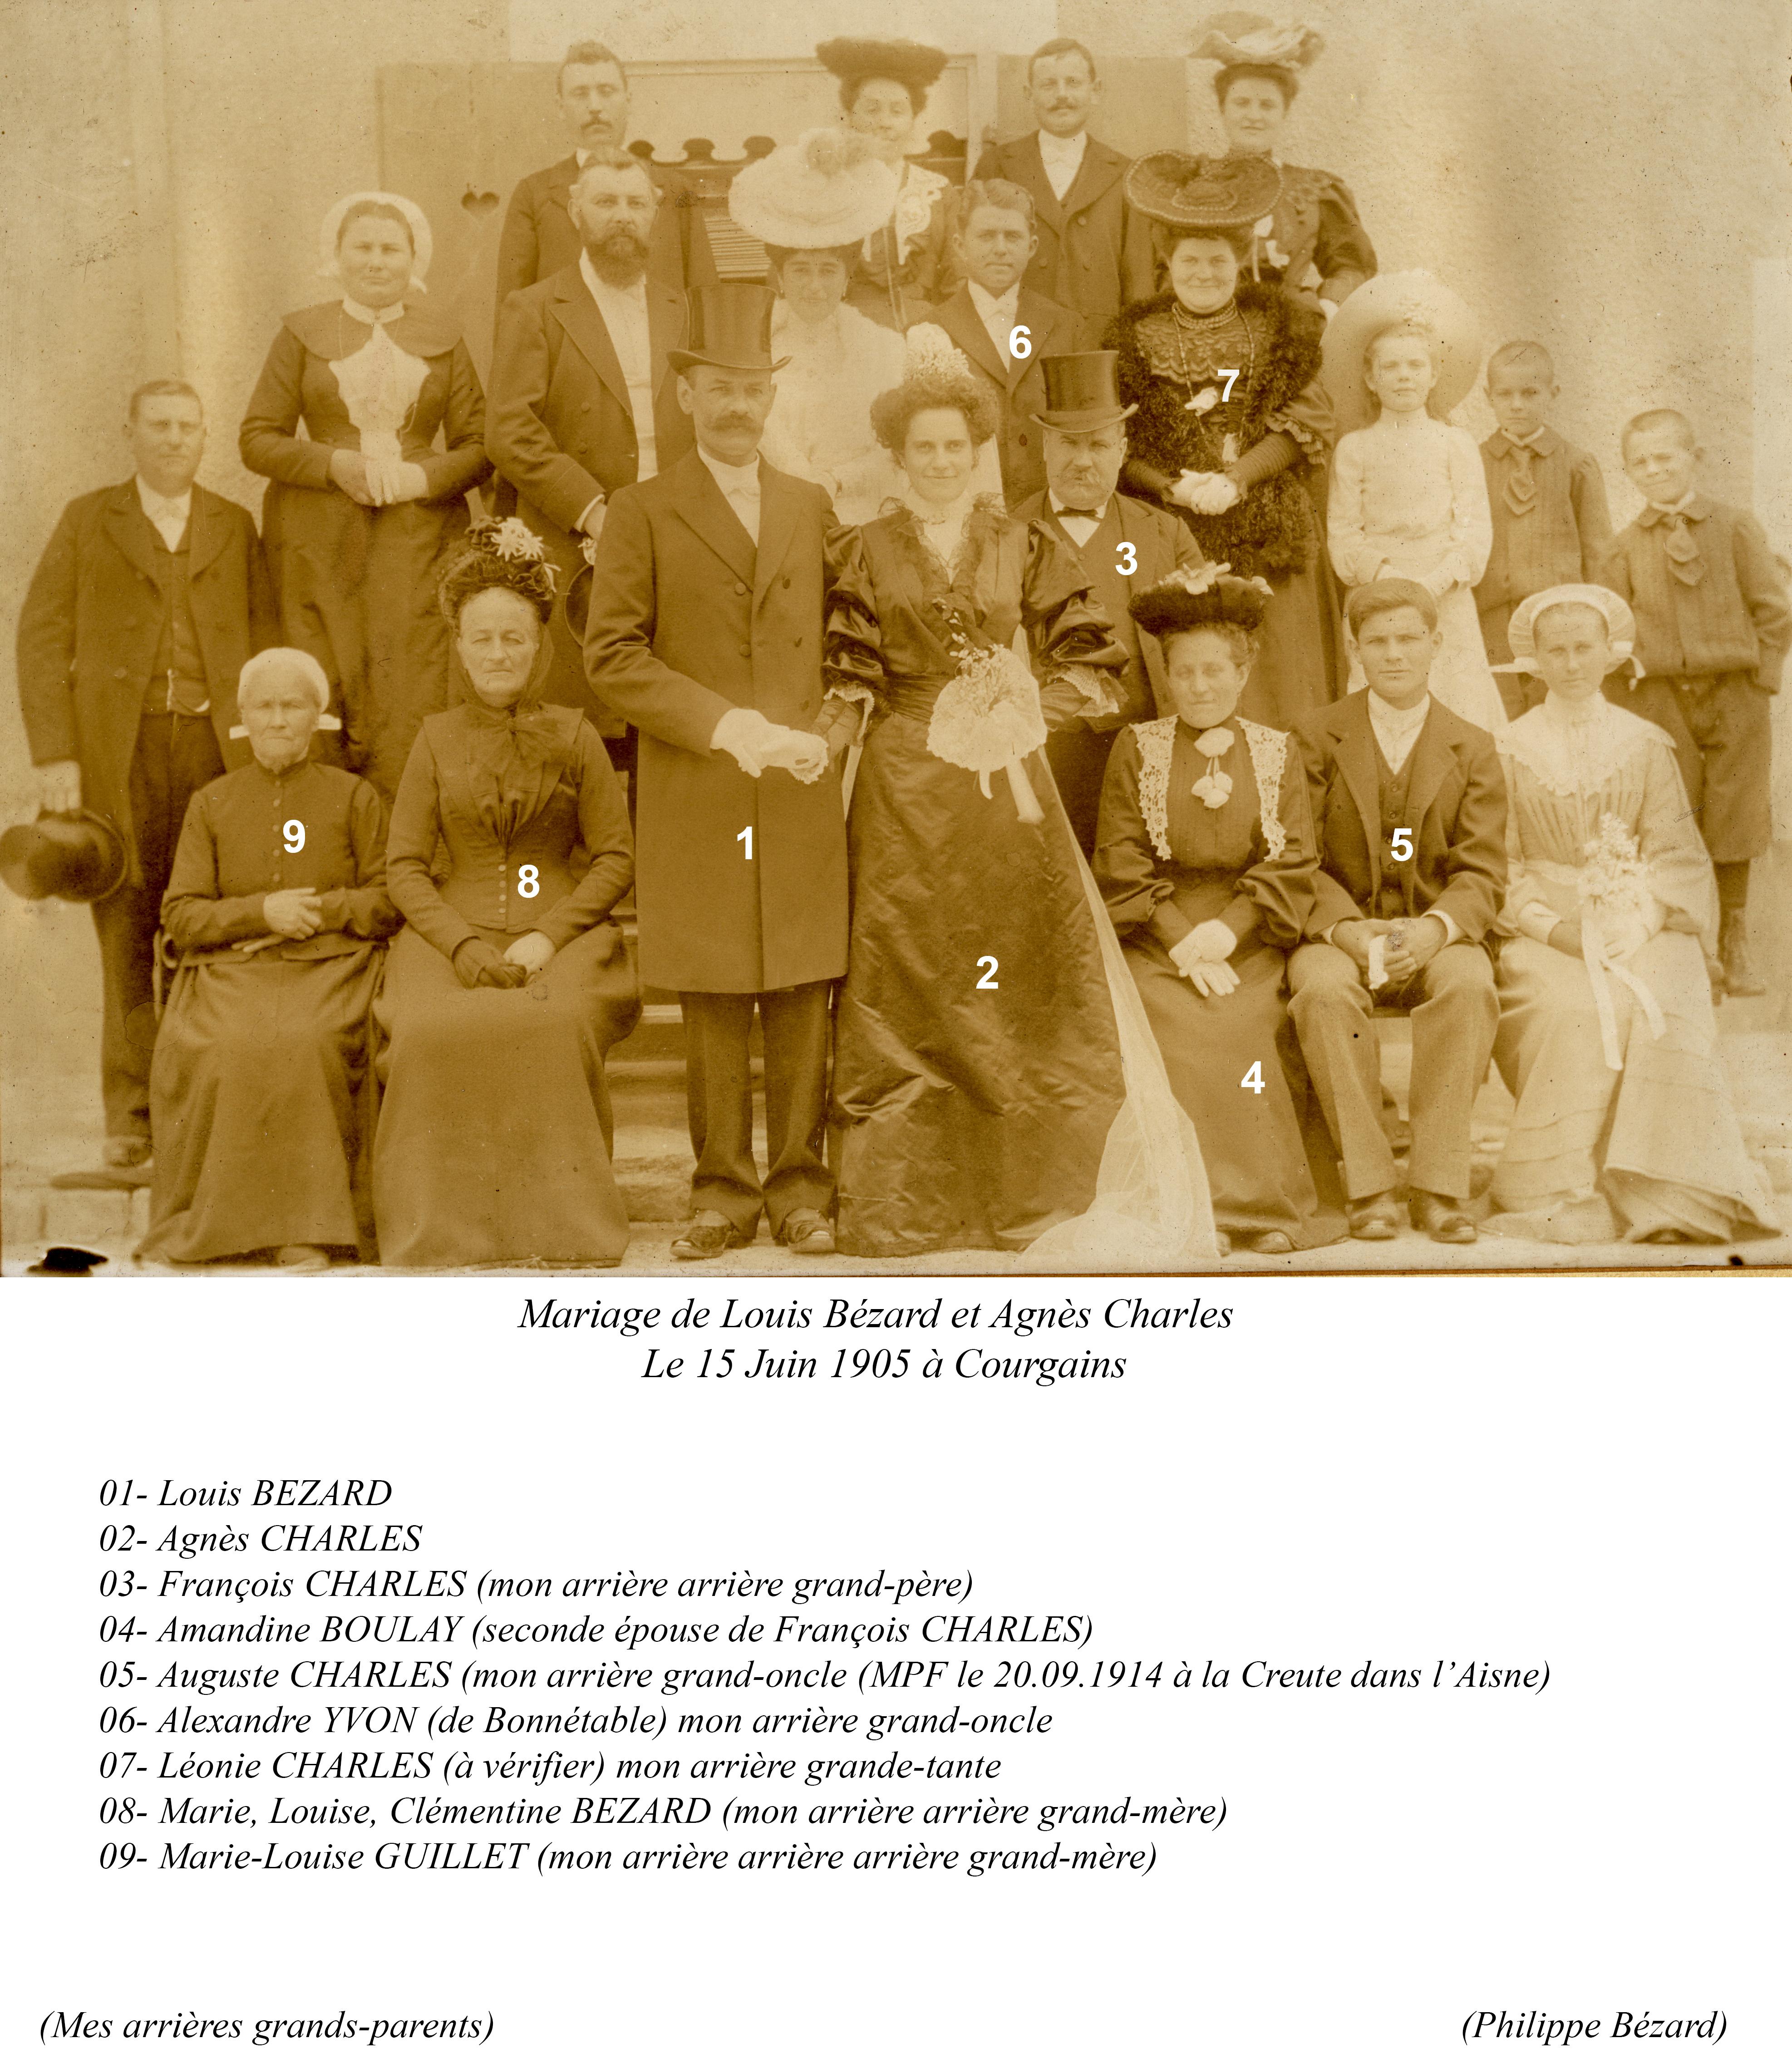 Courgains - BEZARD Louis et CHARLES Agnès 15 Juin 1905  Vue 02 Philippe Bezard